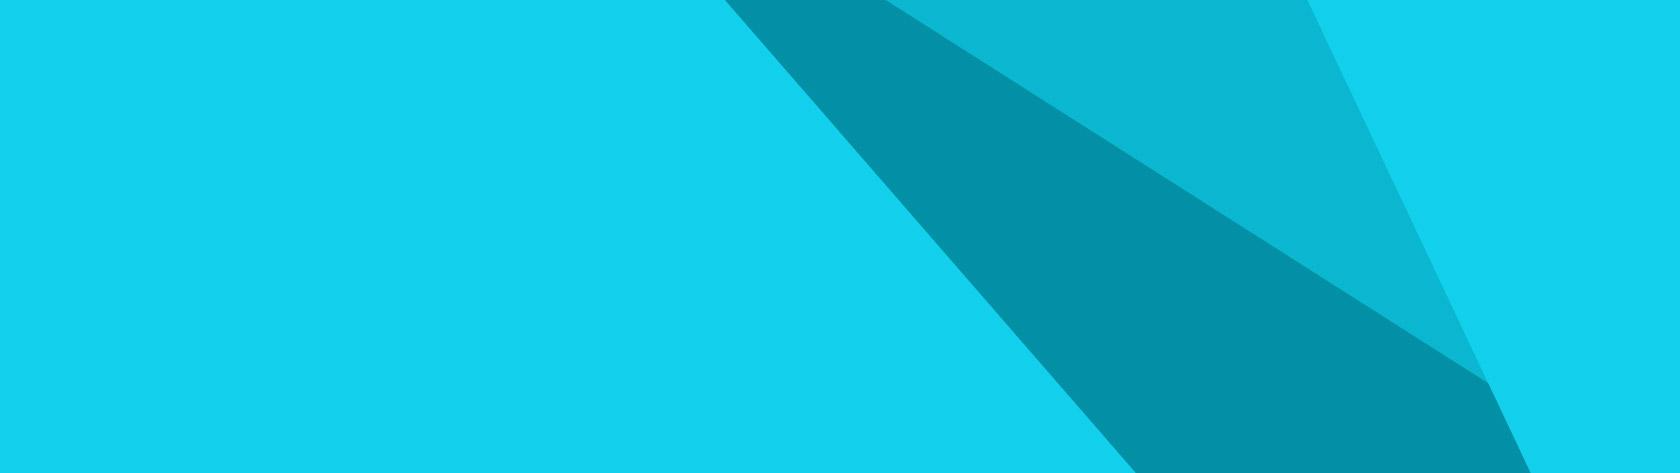 banner-3-bg